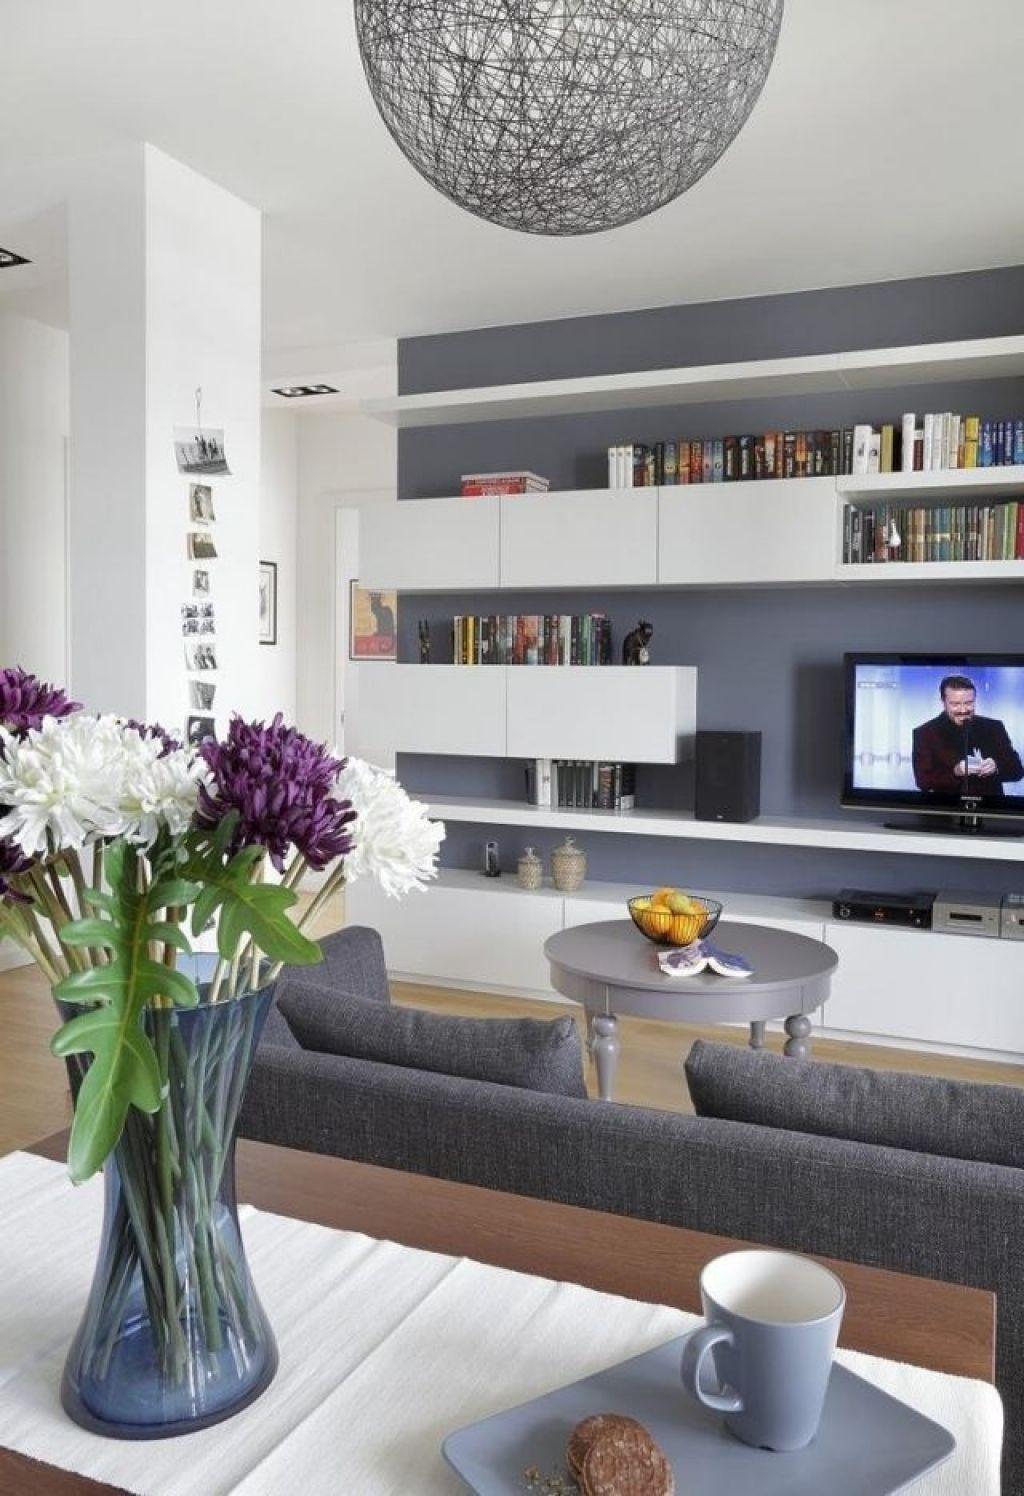 moderne anstrich wohnzimmer   MINIMALISTISCHES HAUS DESIGN INTERIEUR ...